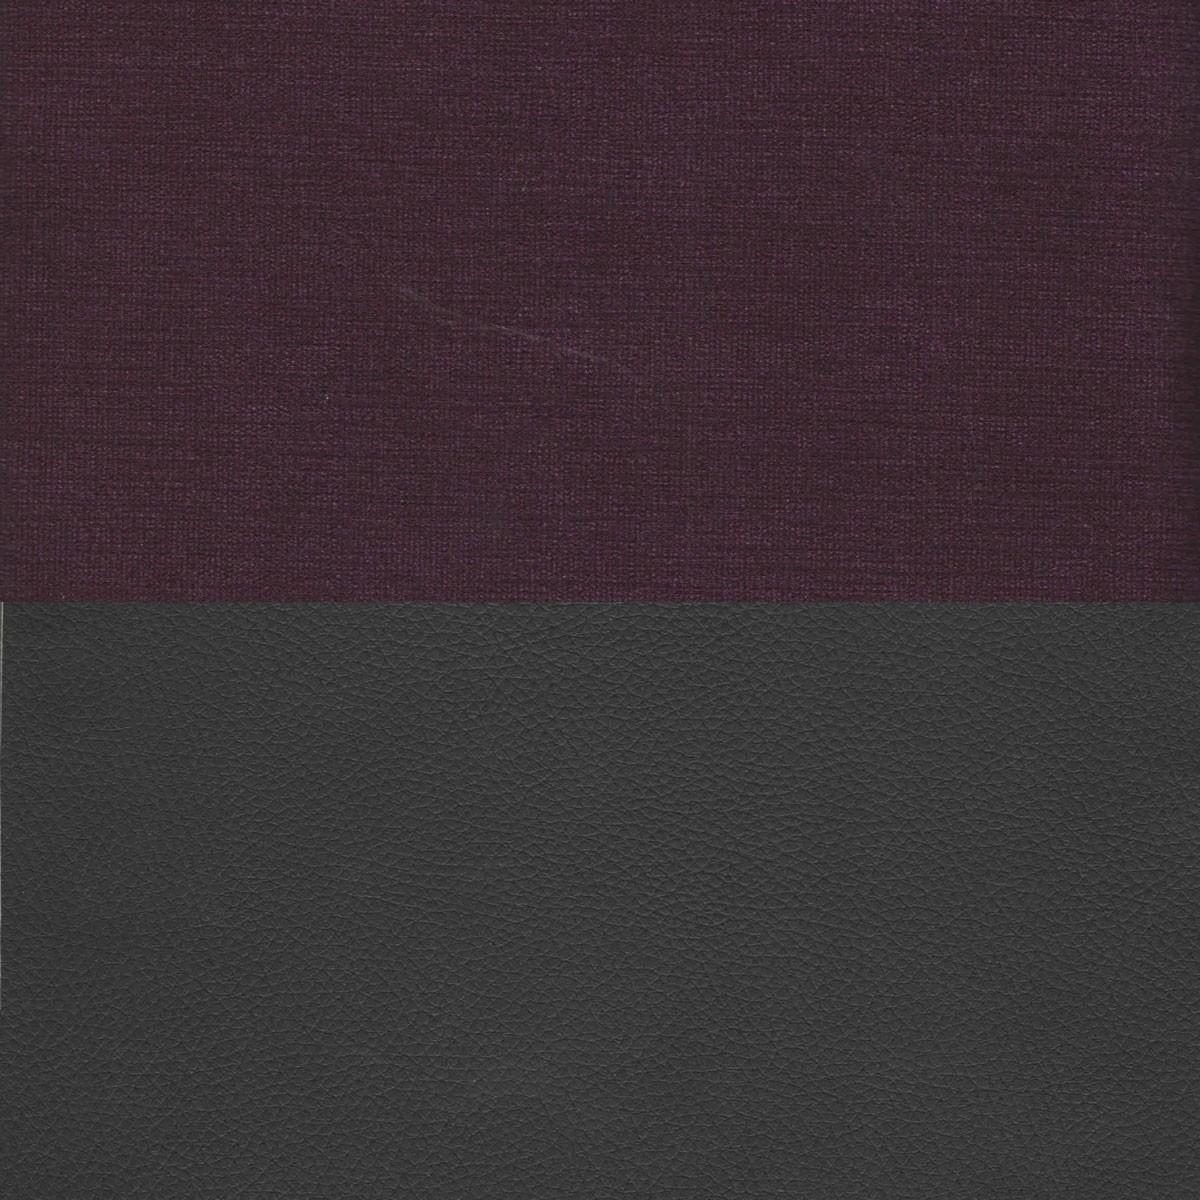 Вельвет фиолетовый Экокожа черный